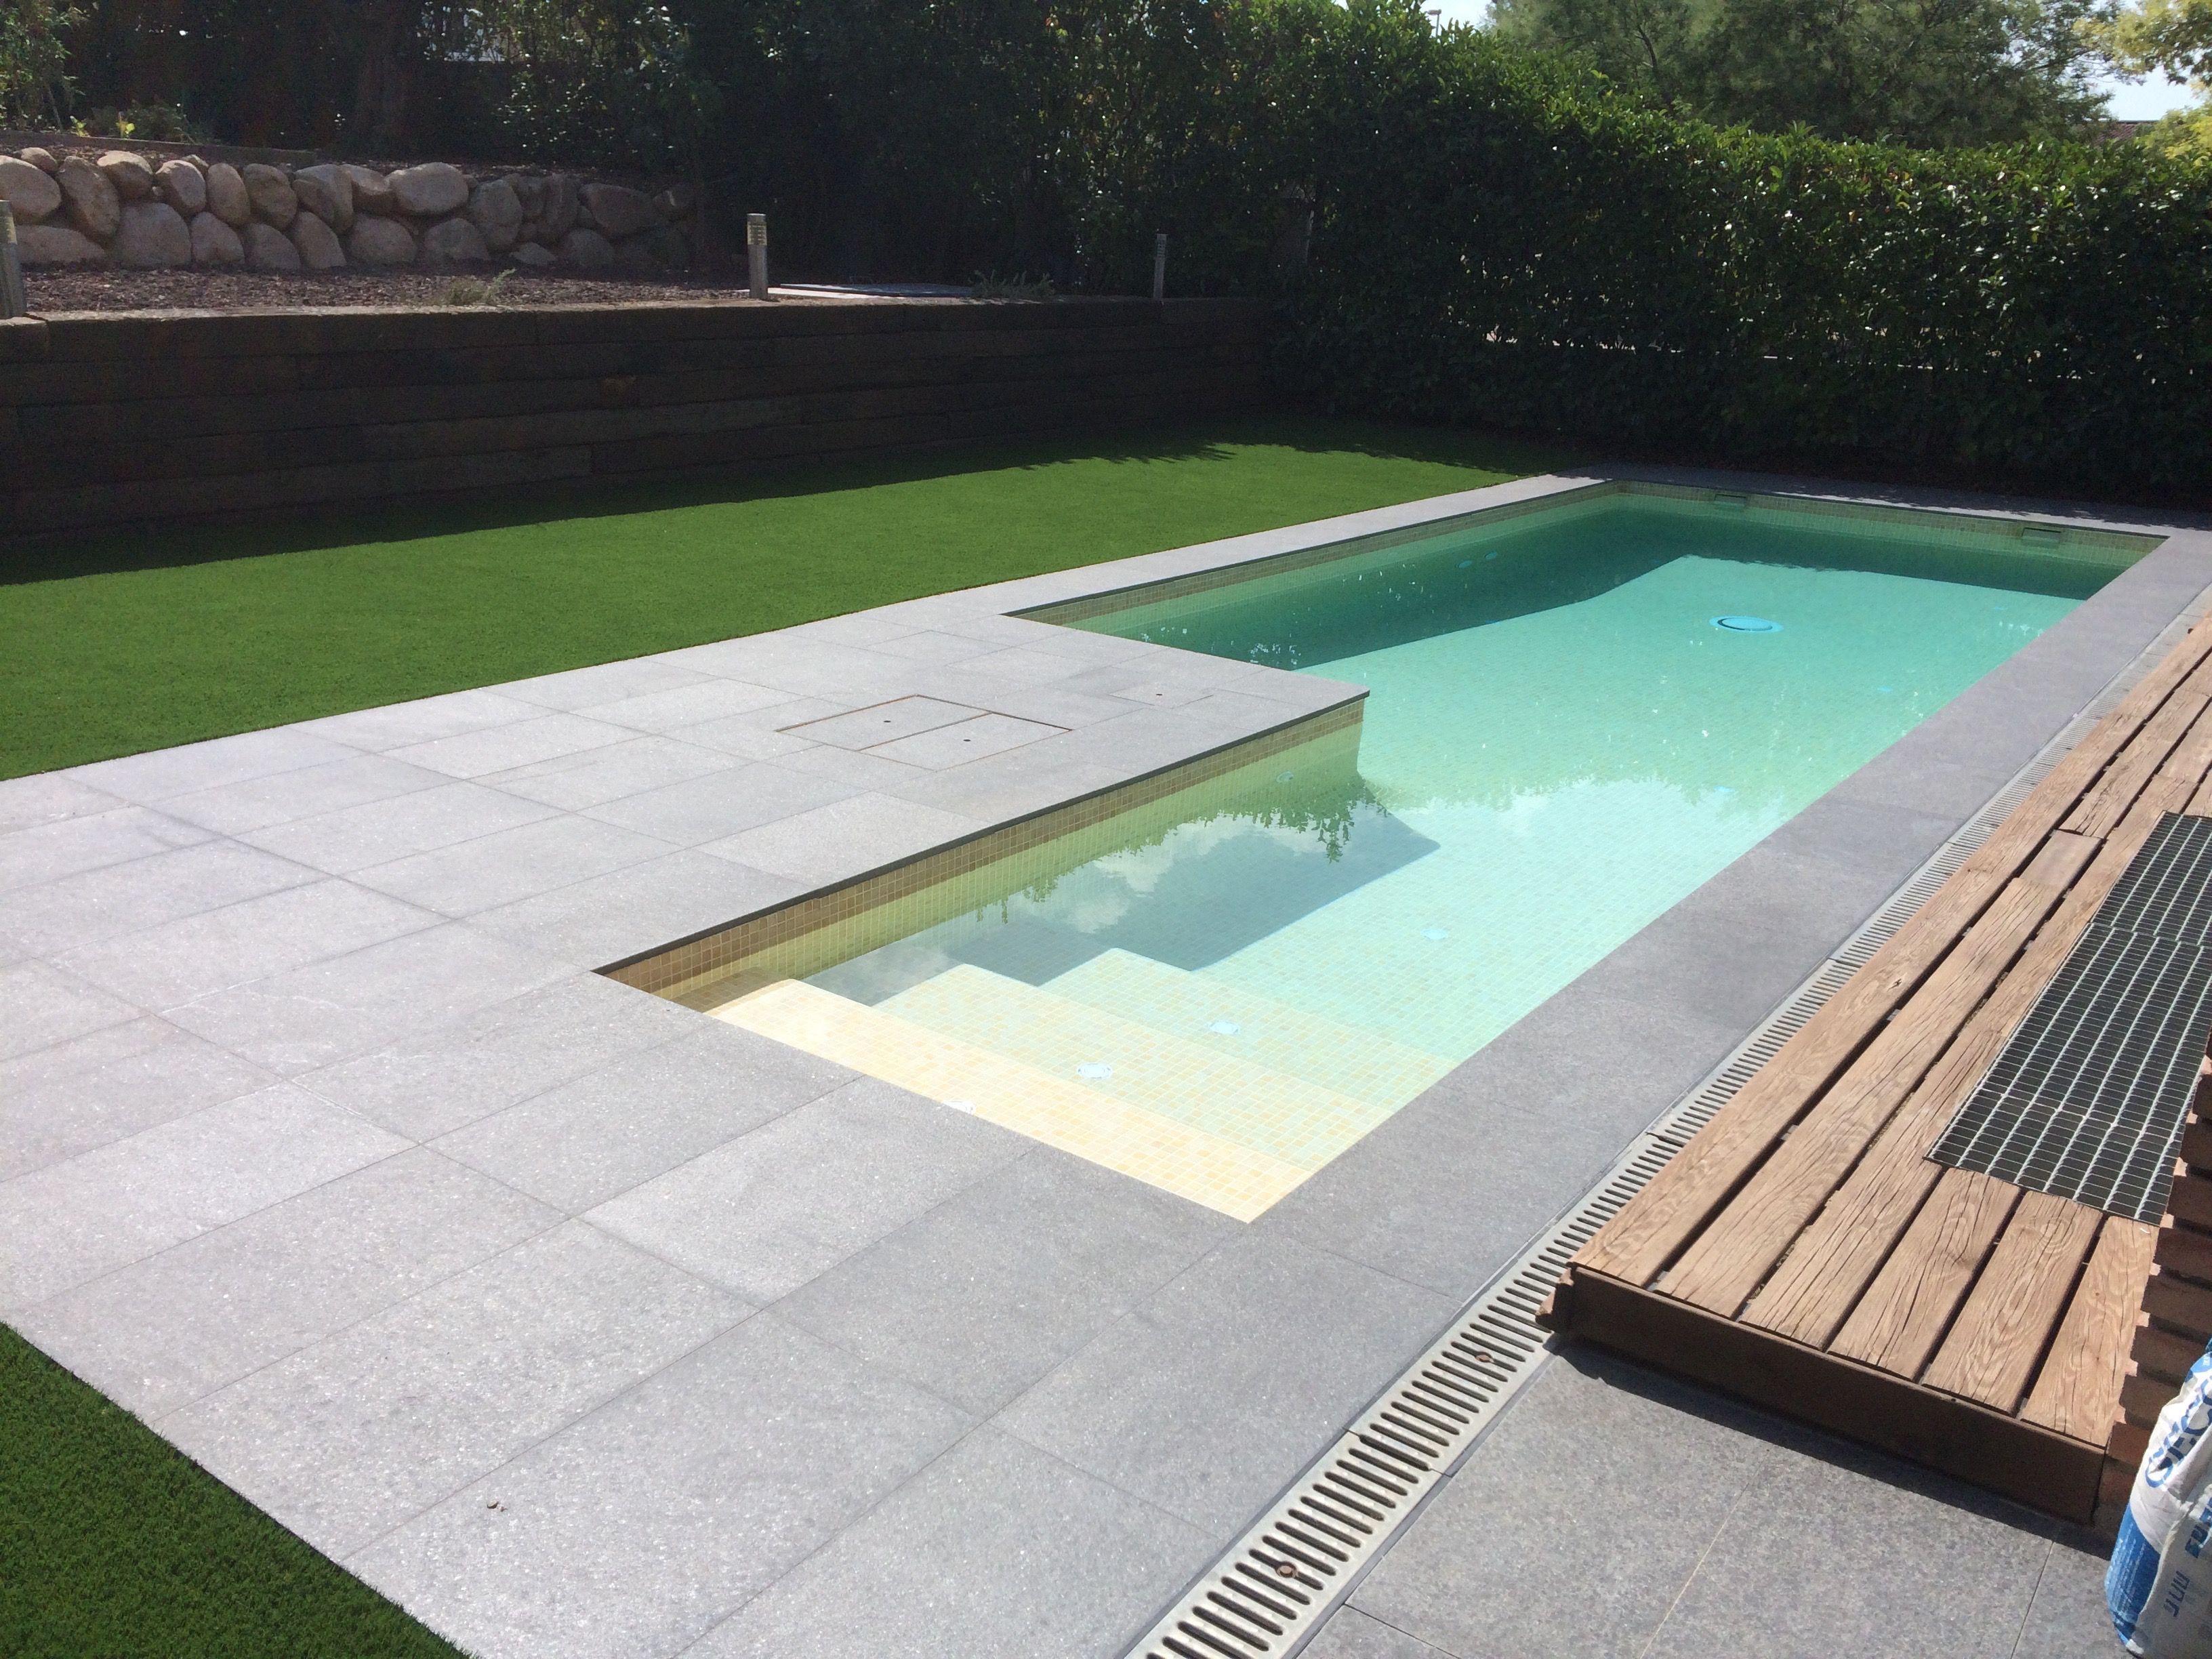 Con un dise o moderno y minimalista presentamos la - Diseno de piscinas ...